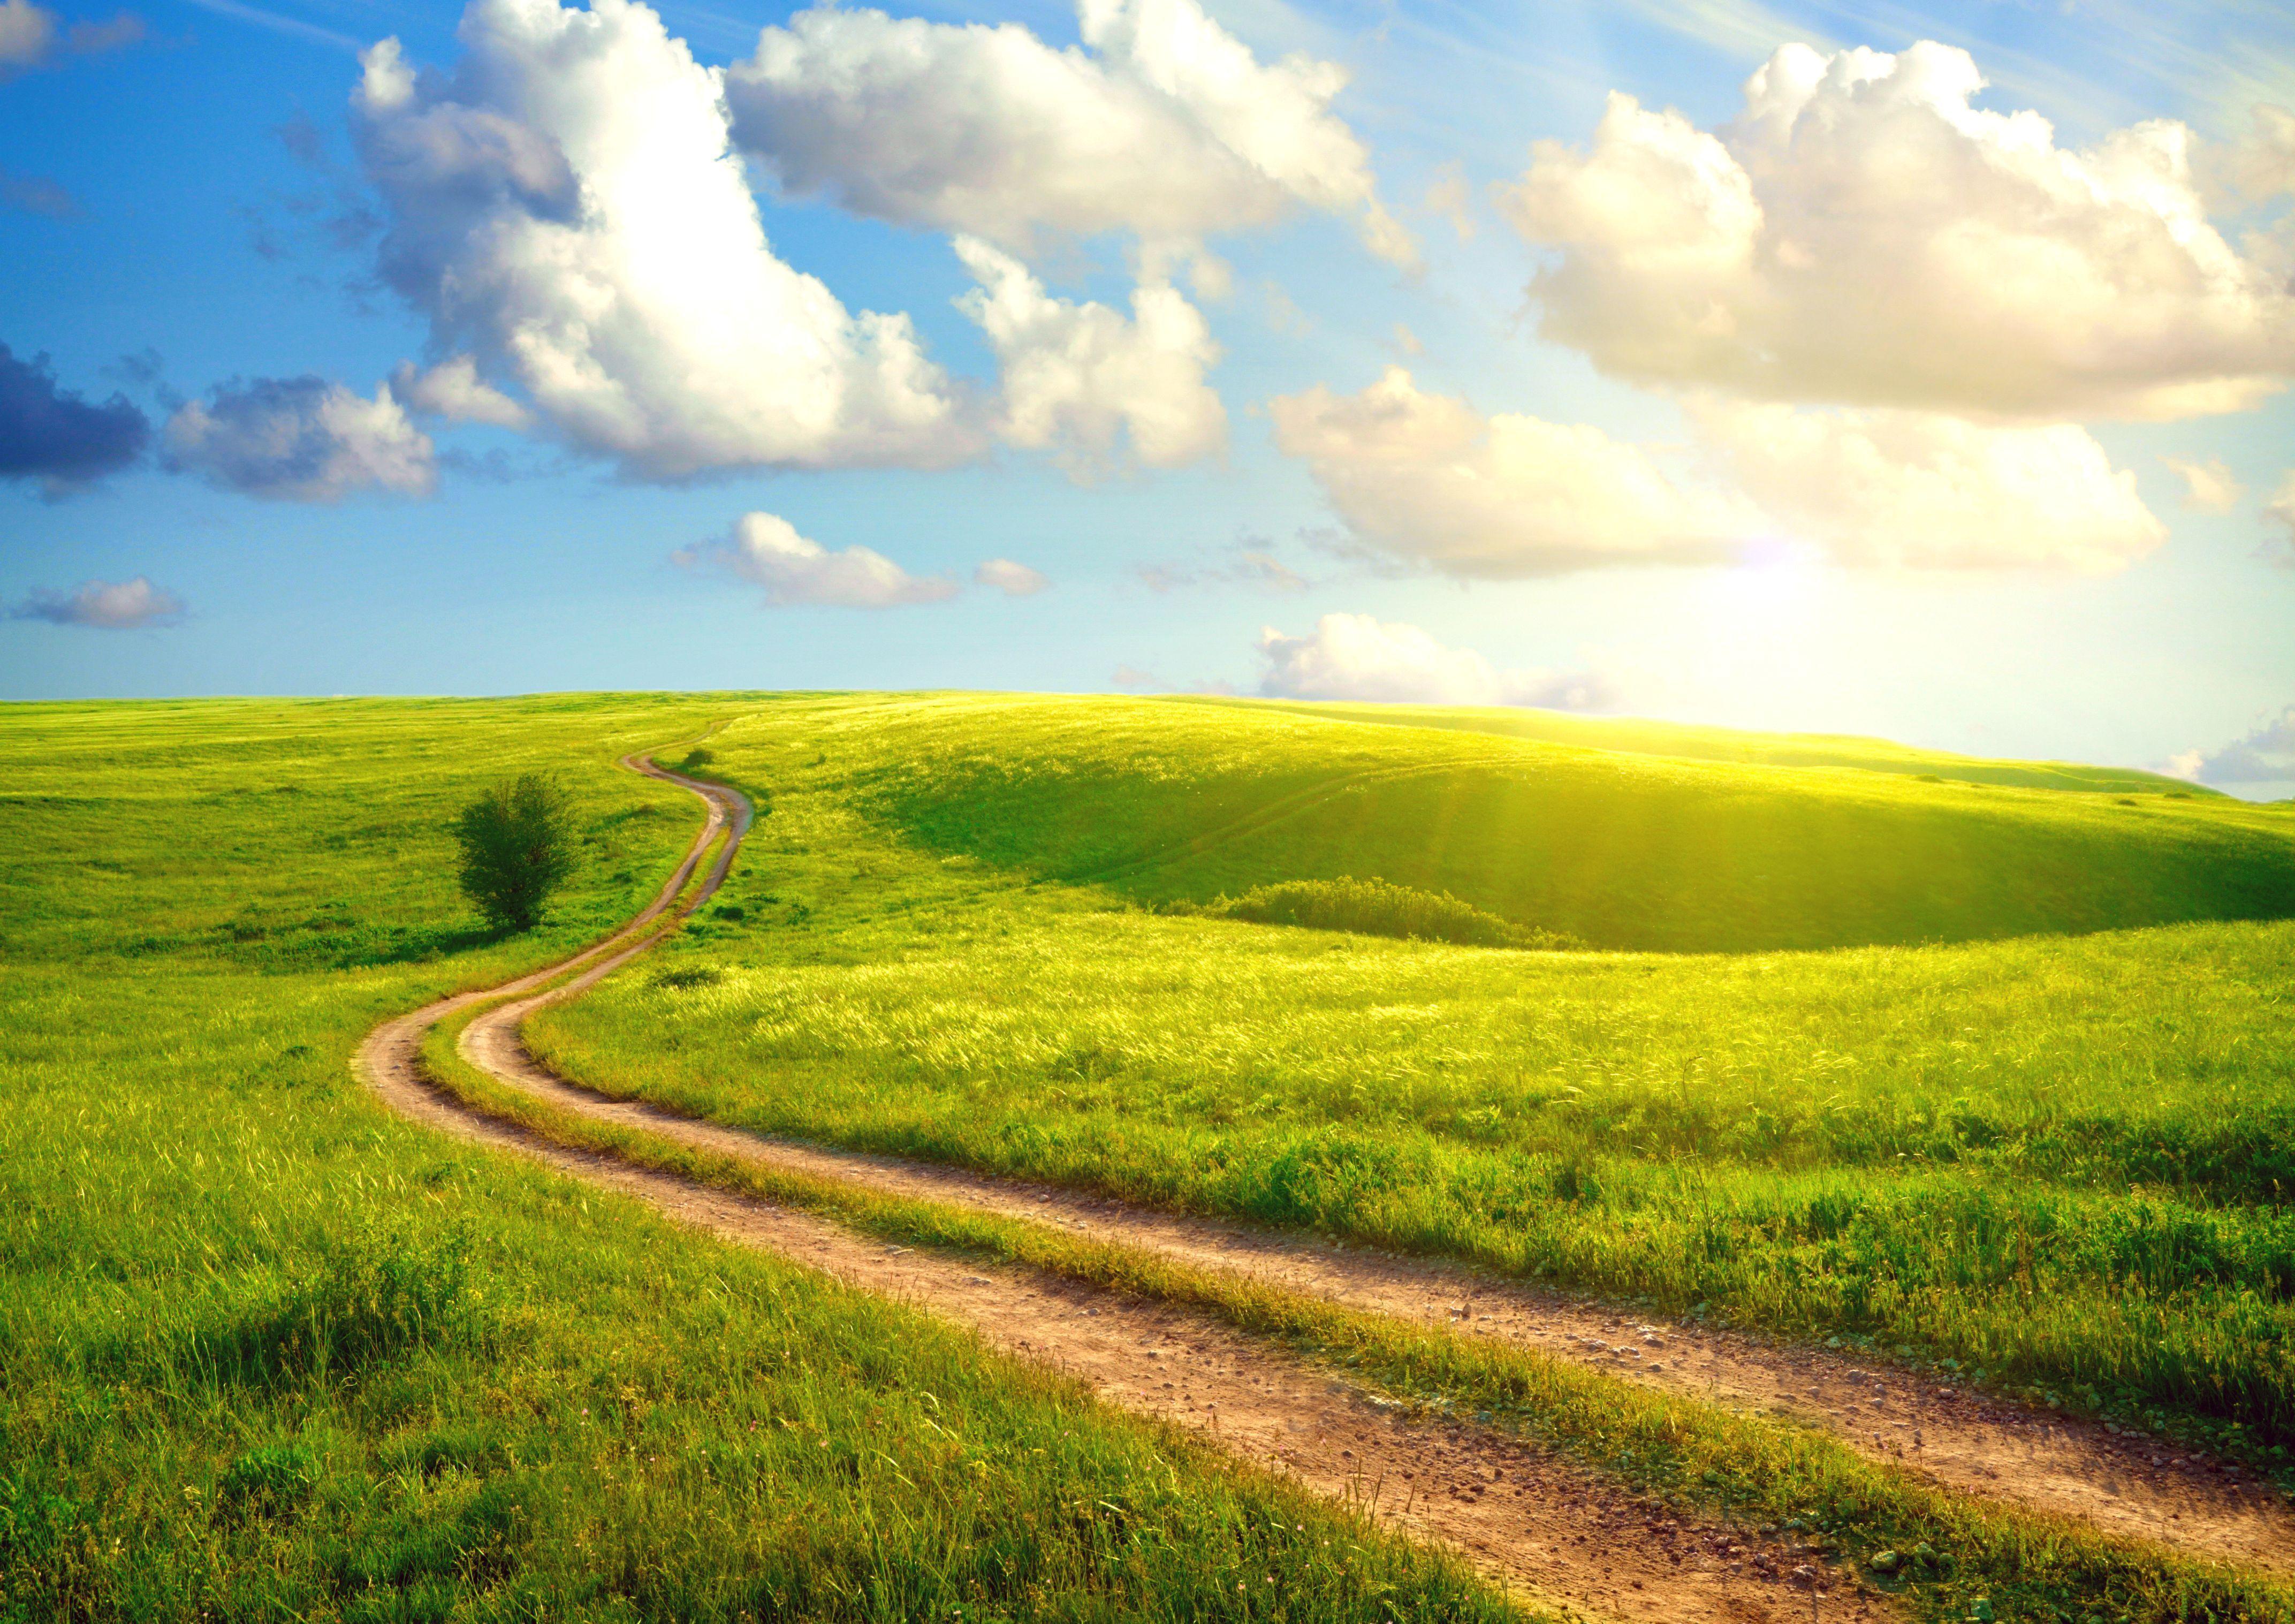 грунтовая дорога через поля, скачать красивое фото, обои на рабочий стол